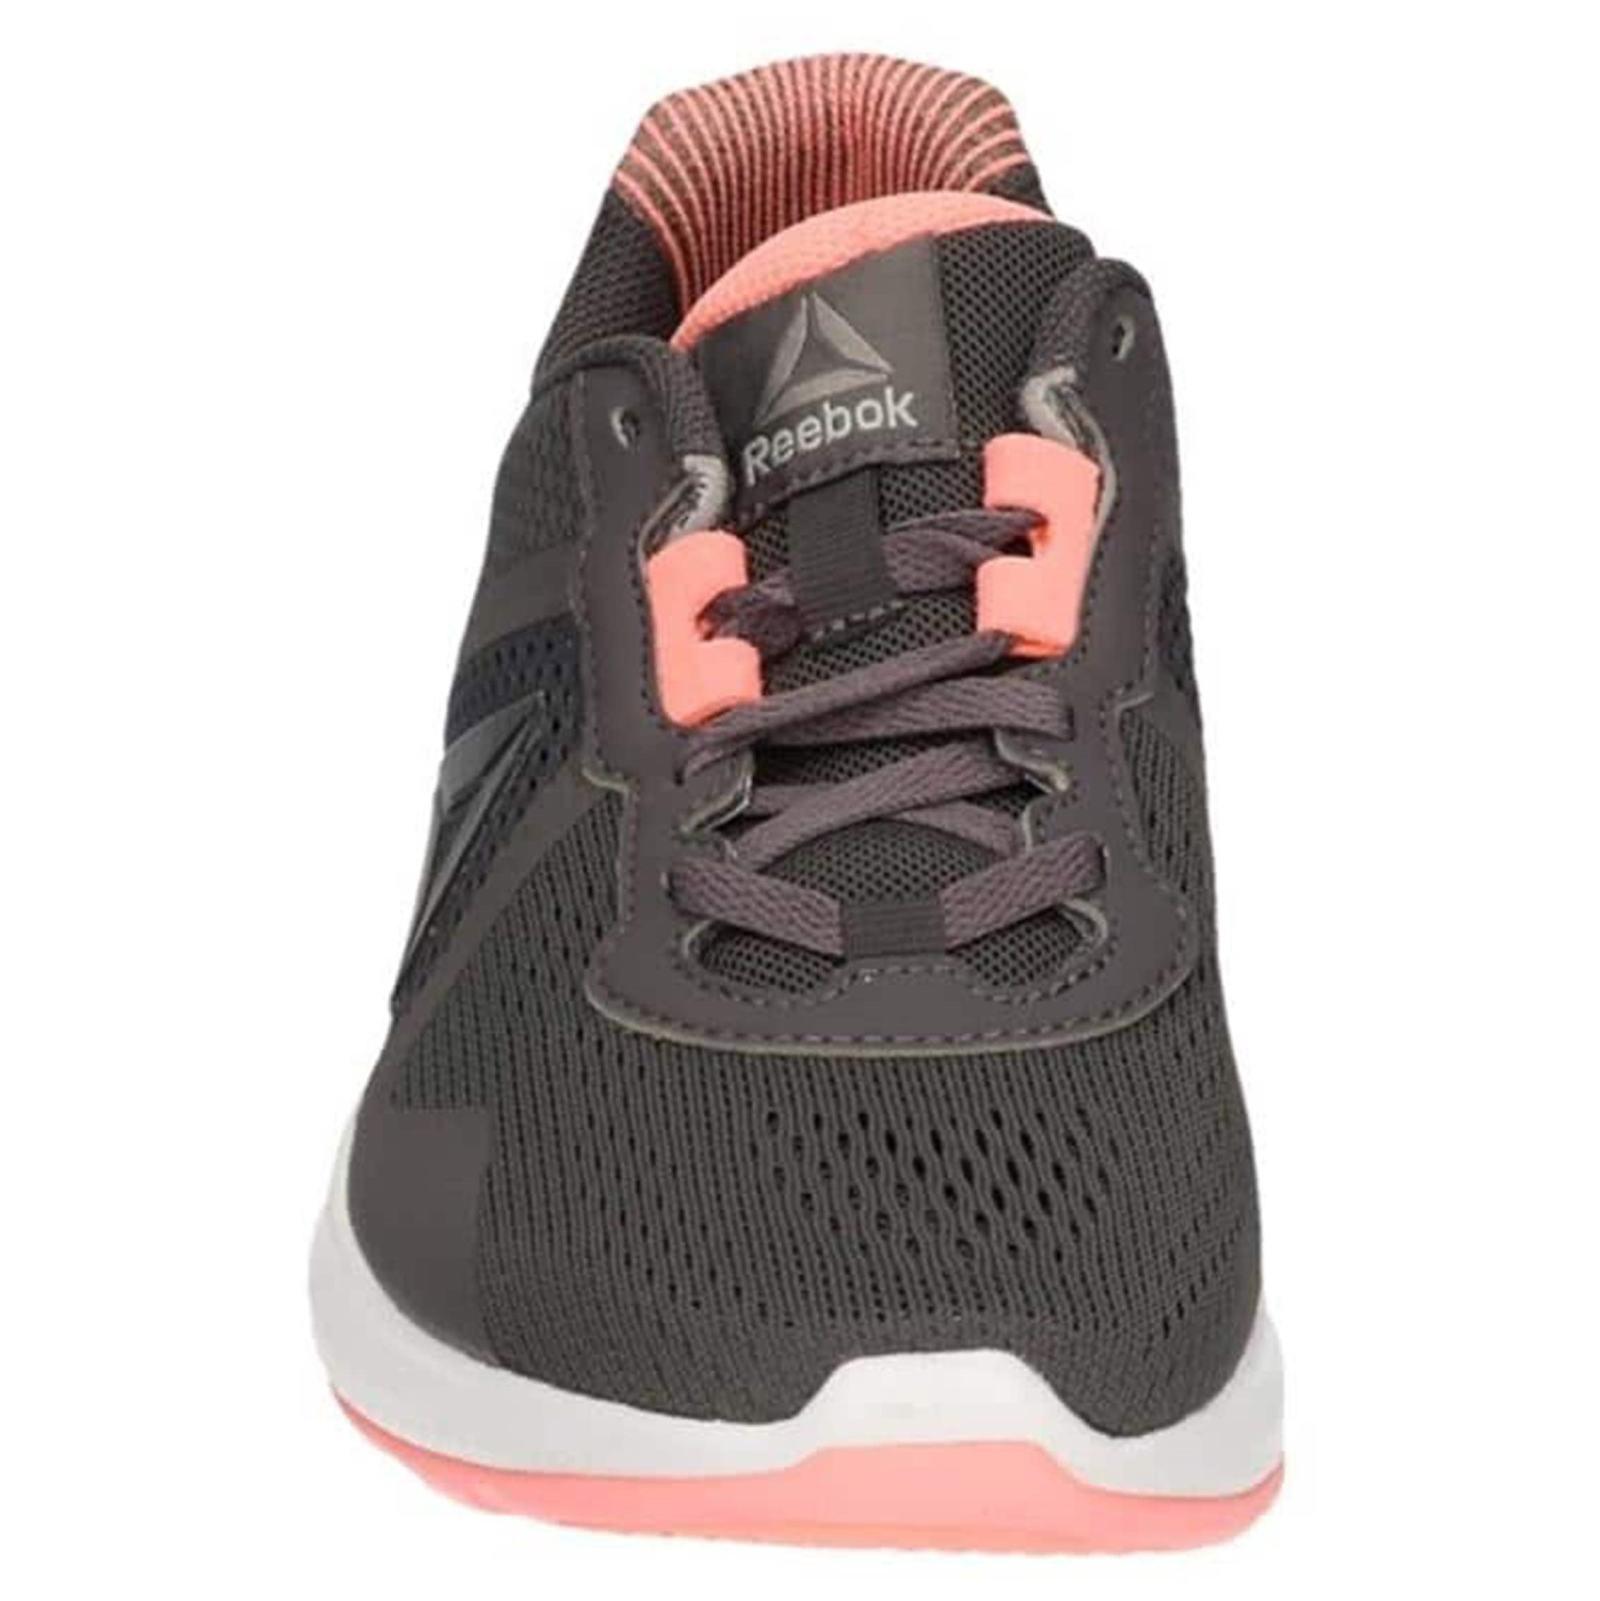 کفش دویدن بندی زنانه Astroride Duo Edge - ریباک - طوسي تيره - 4